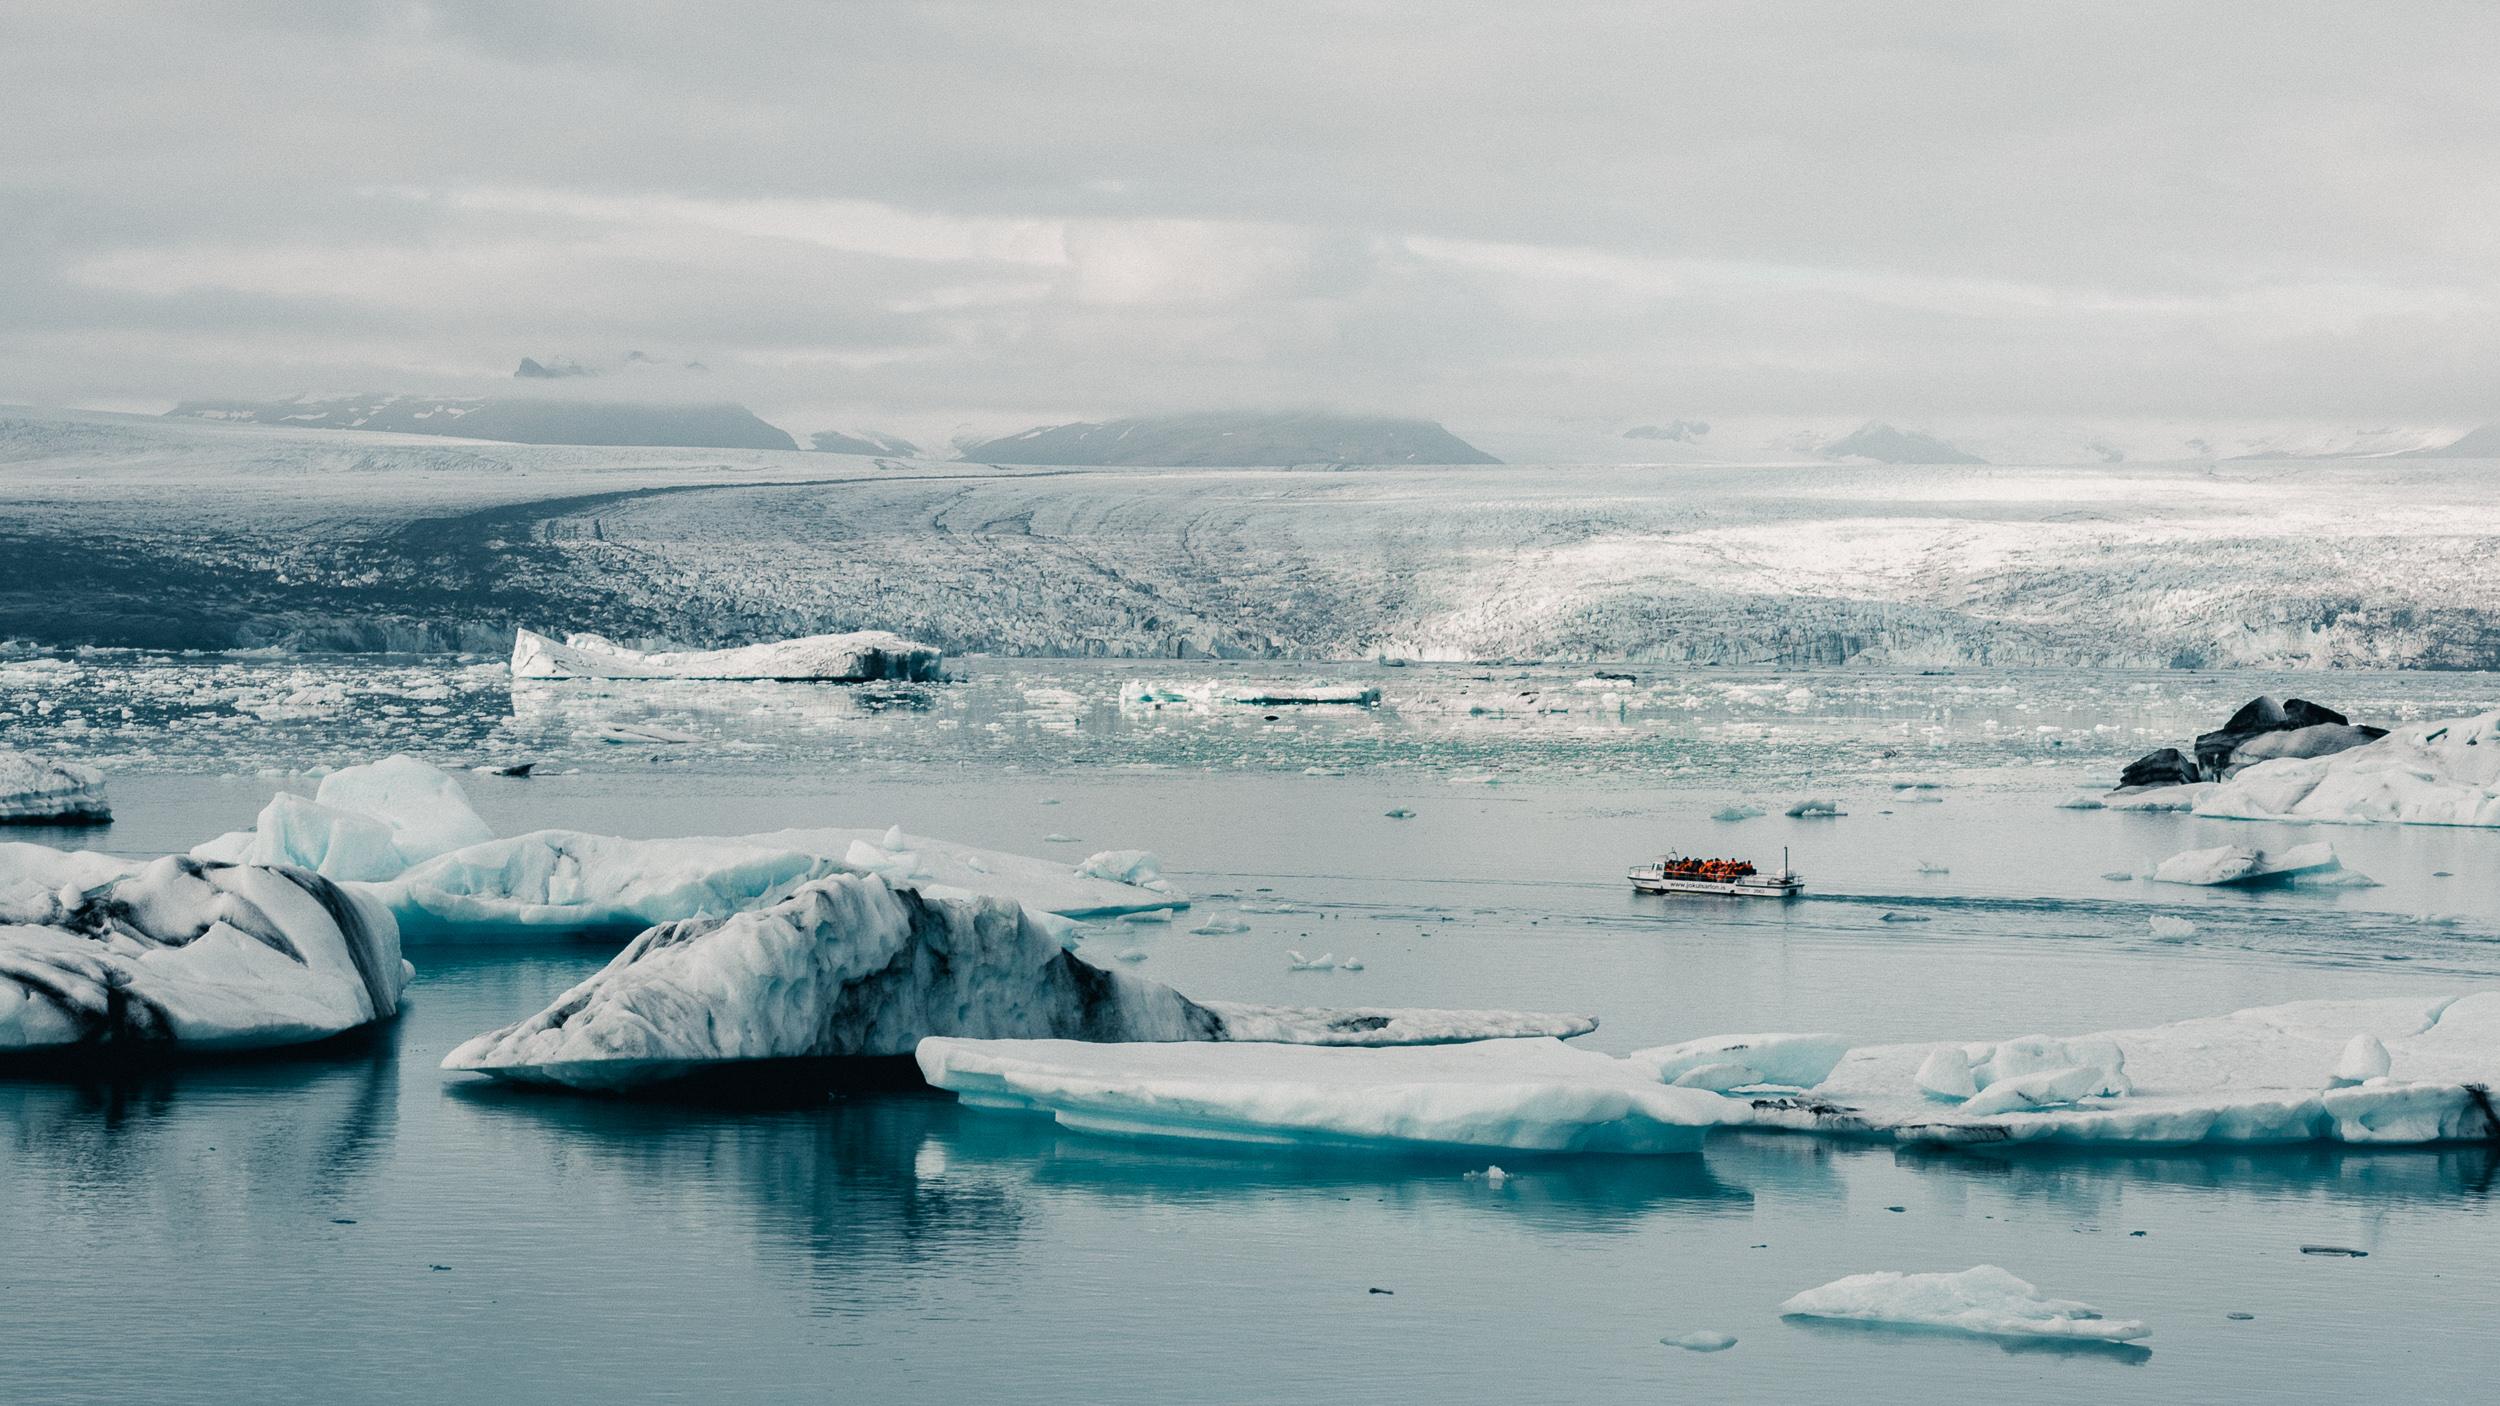 13-iceland-jökulsárlón-glacial-lagoon-glacier-anna-elina-lahti-photographer.jpg